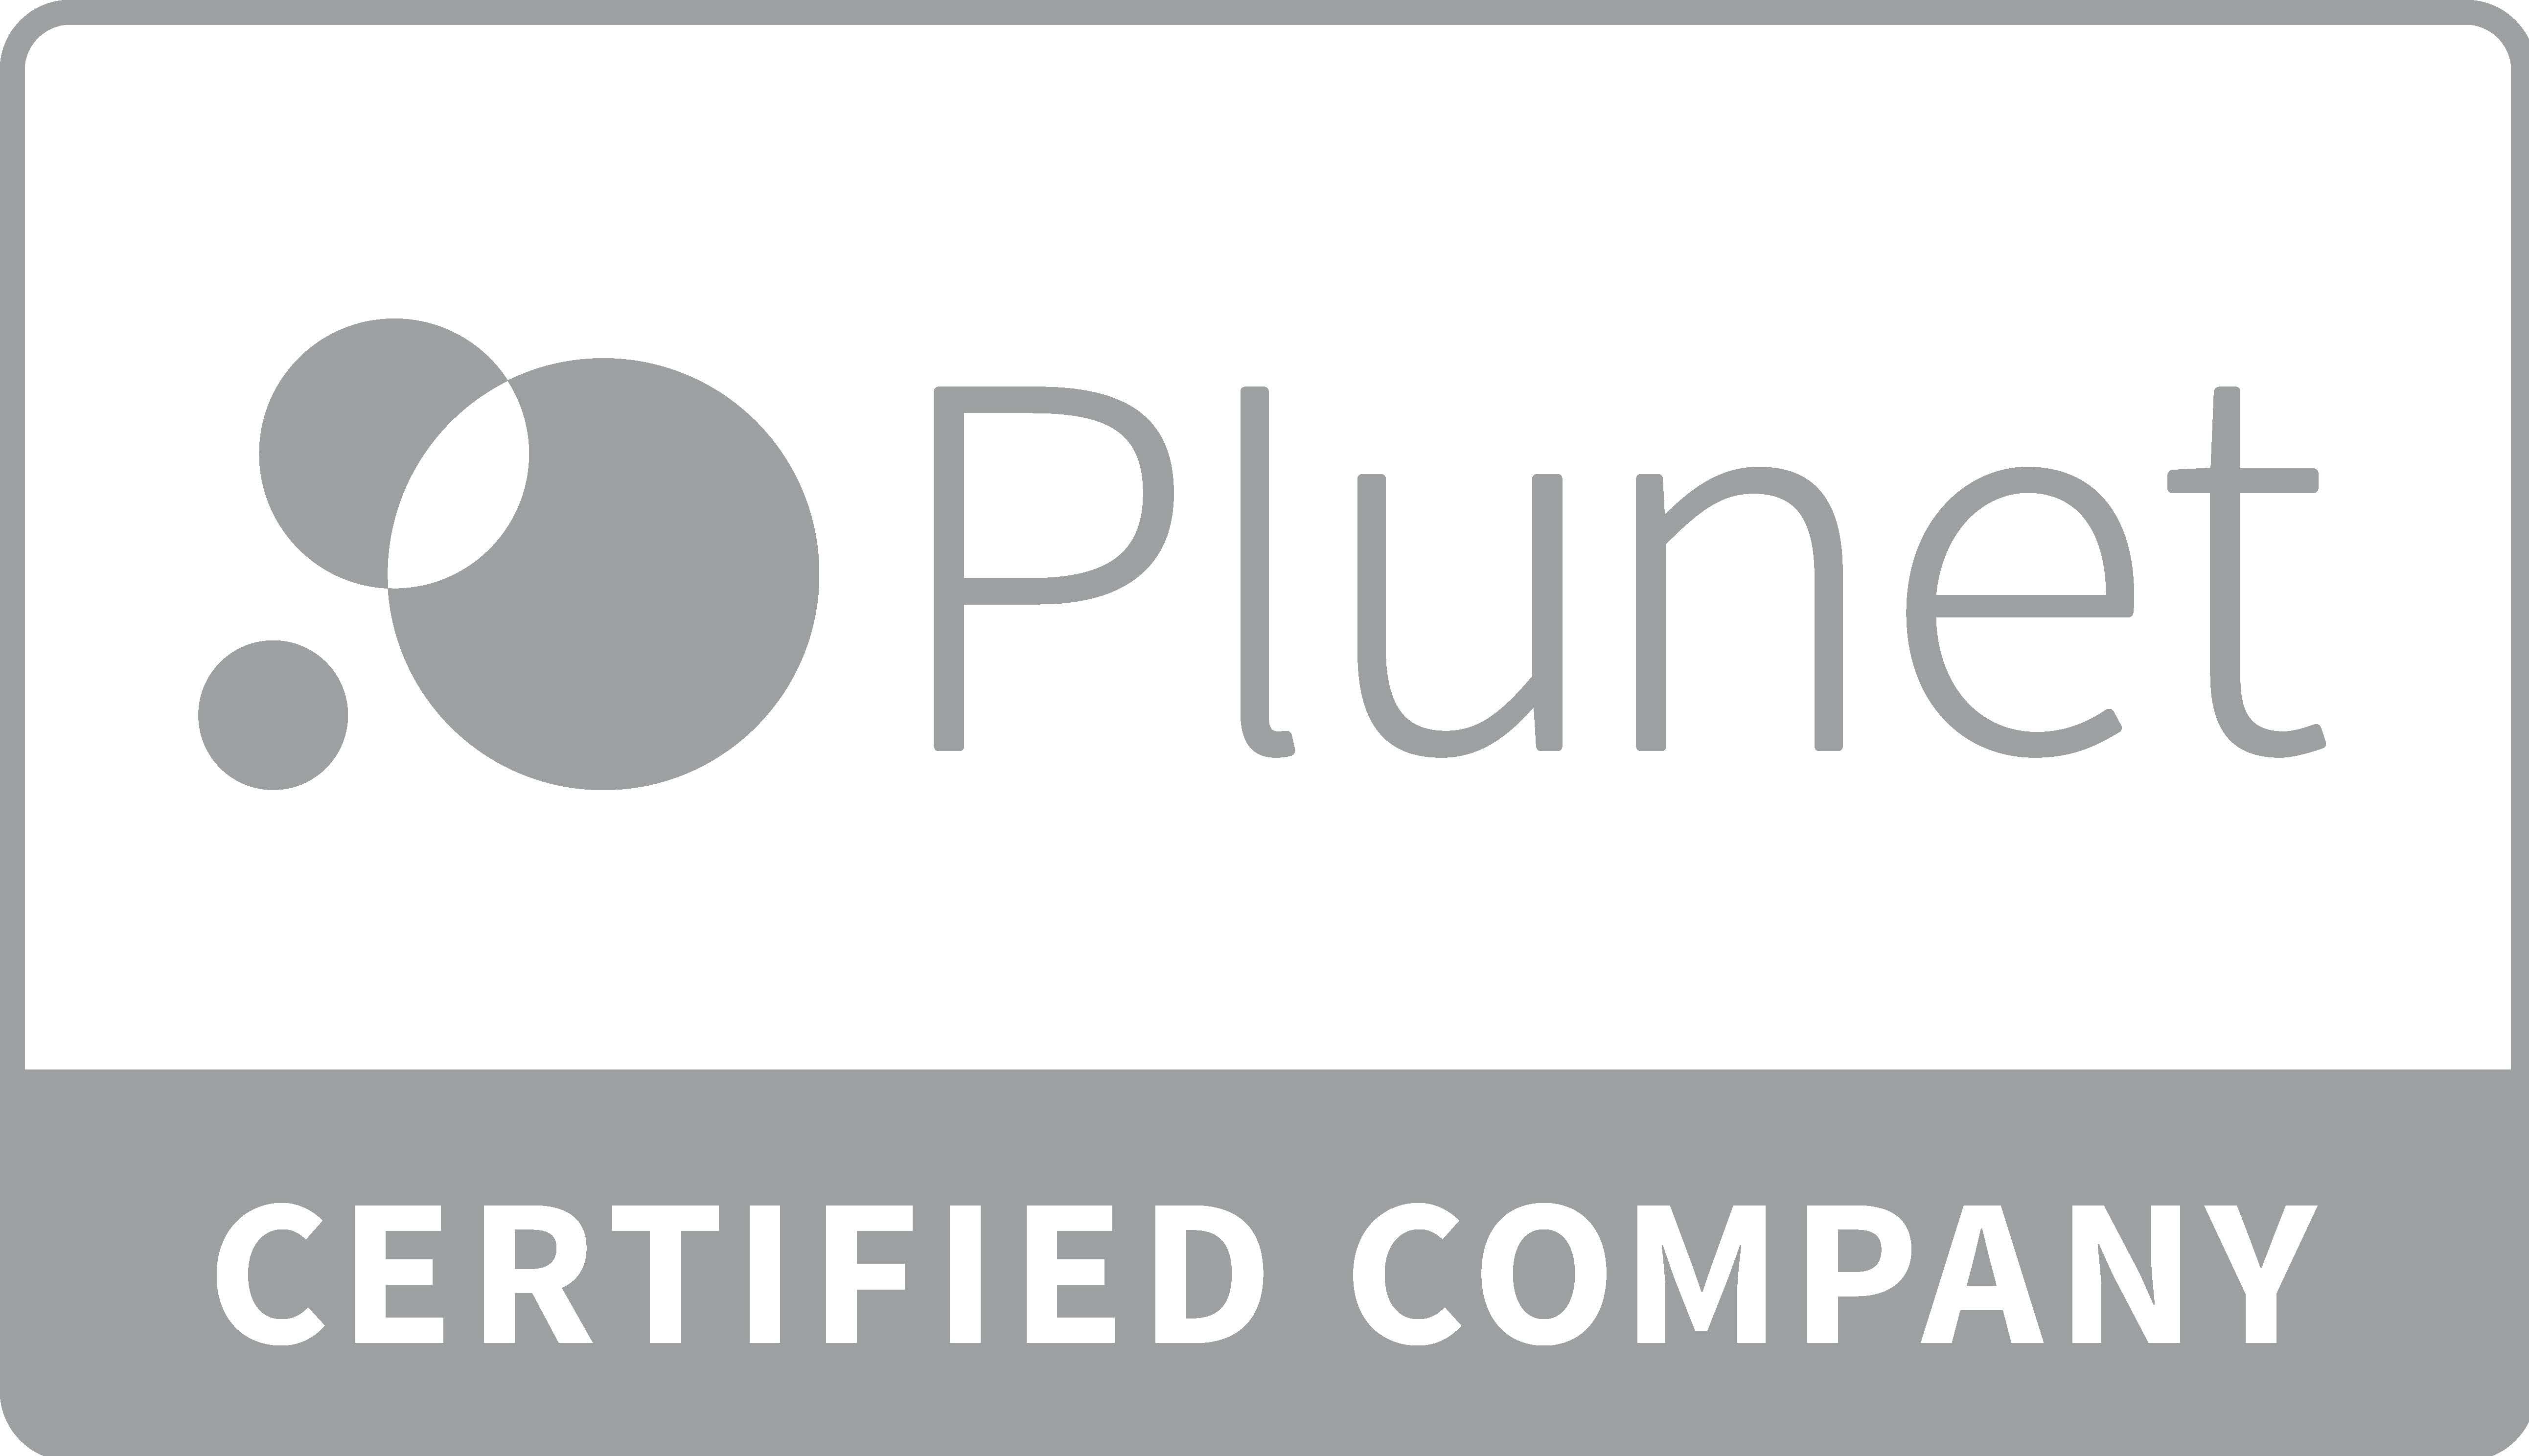 Plunet, strumento per la traduzione certificata e assistita usato da Traductor